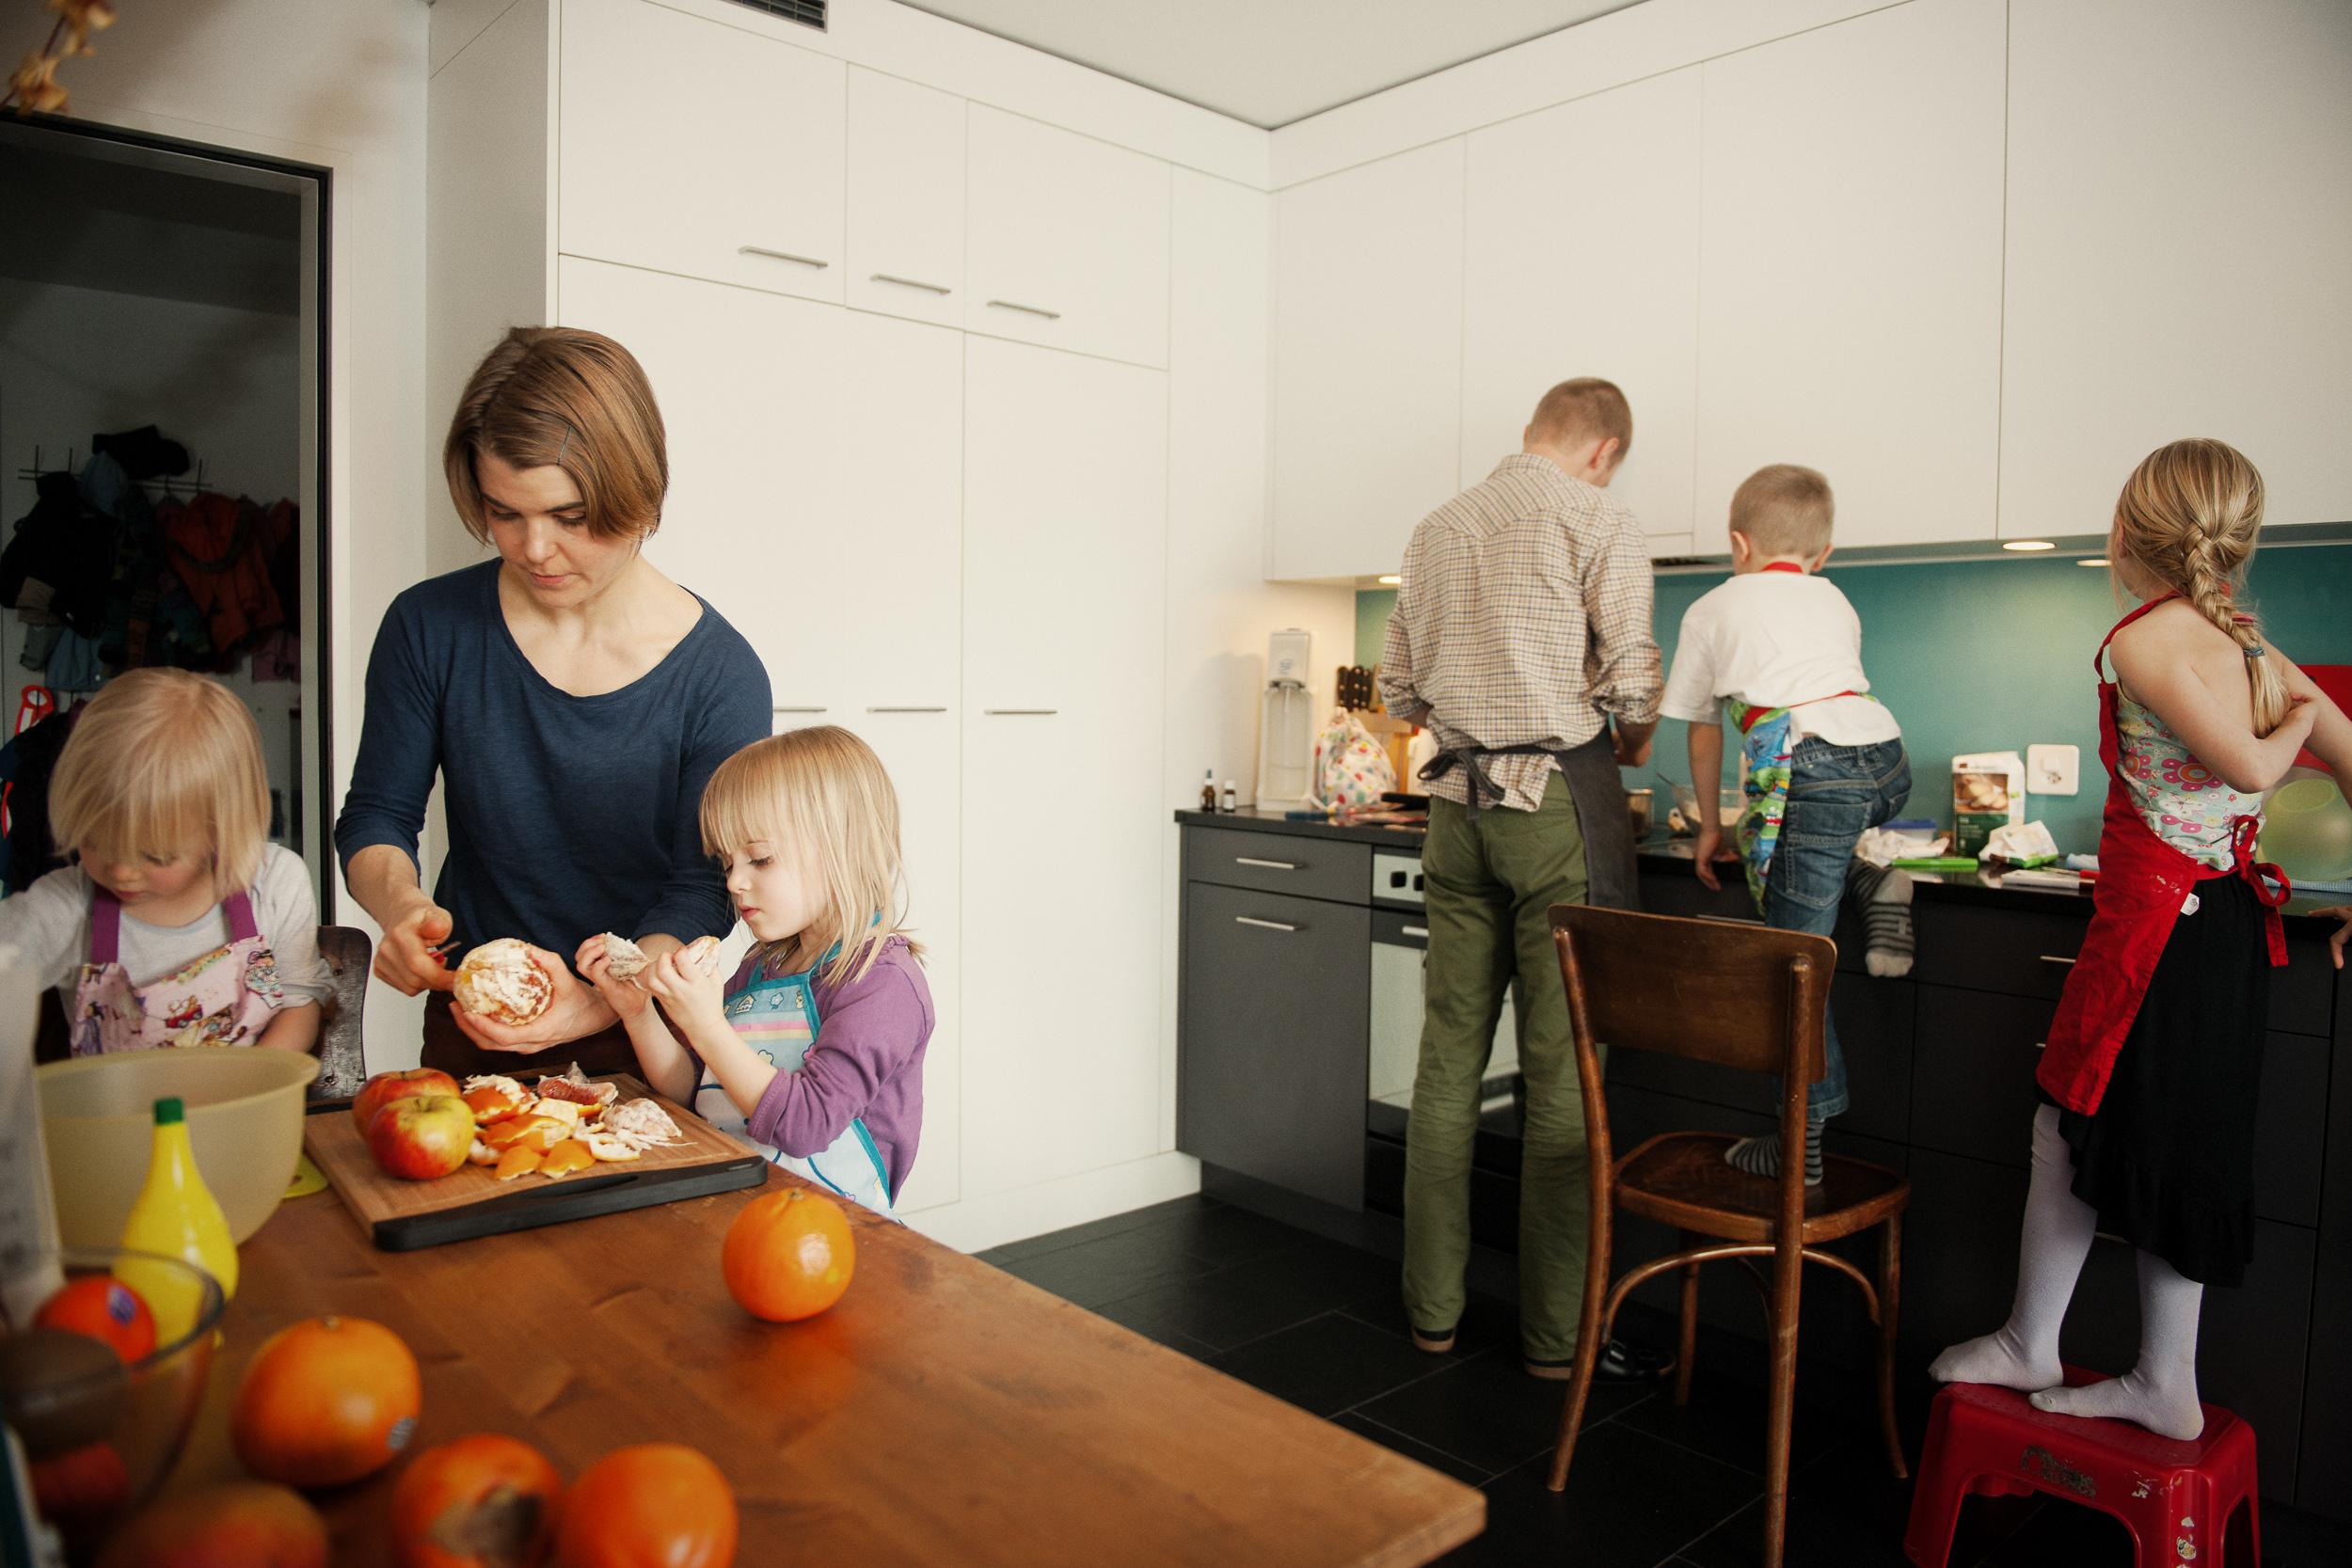 Bild einer Familie, die in der Küche gemeinsam das Essen zubereitet